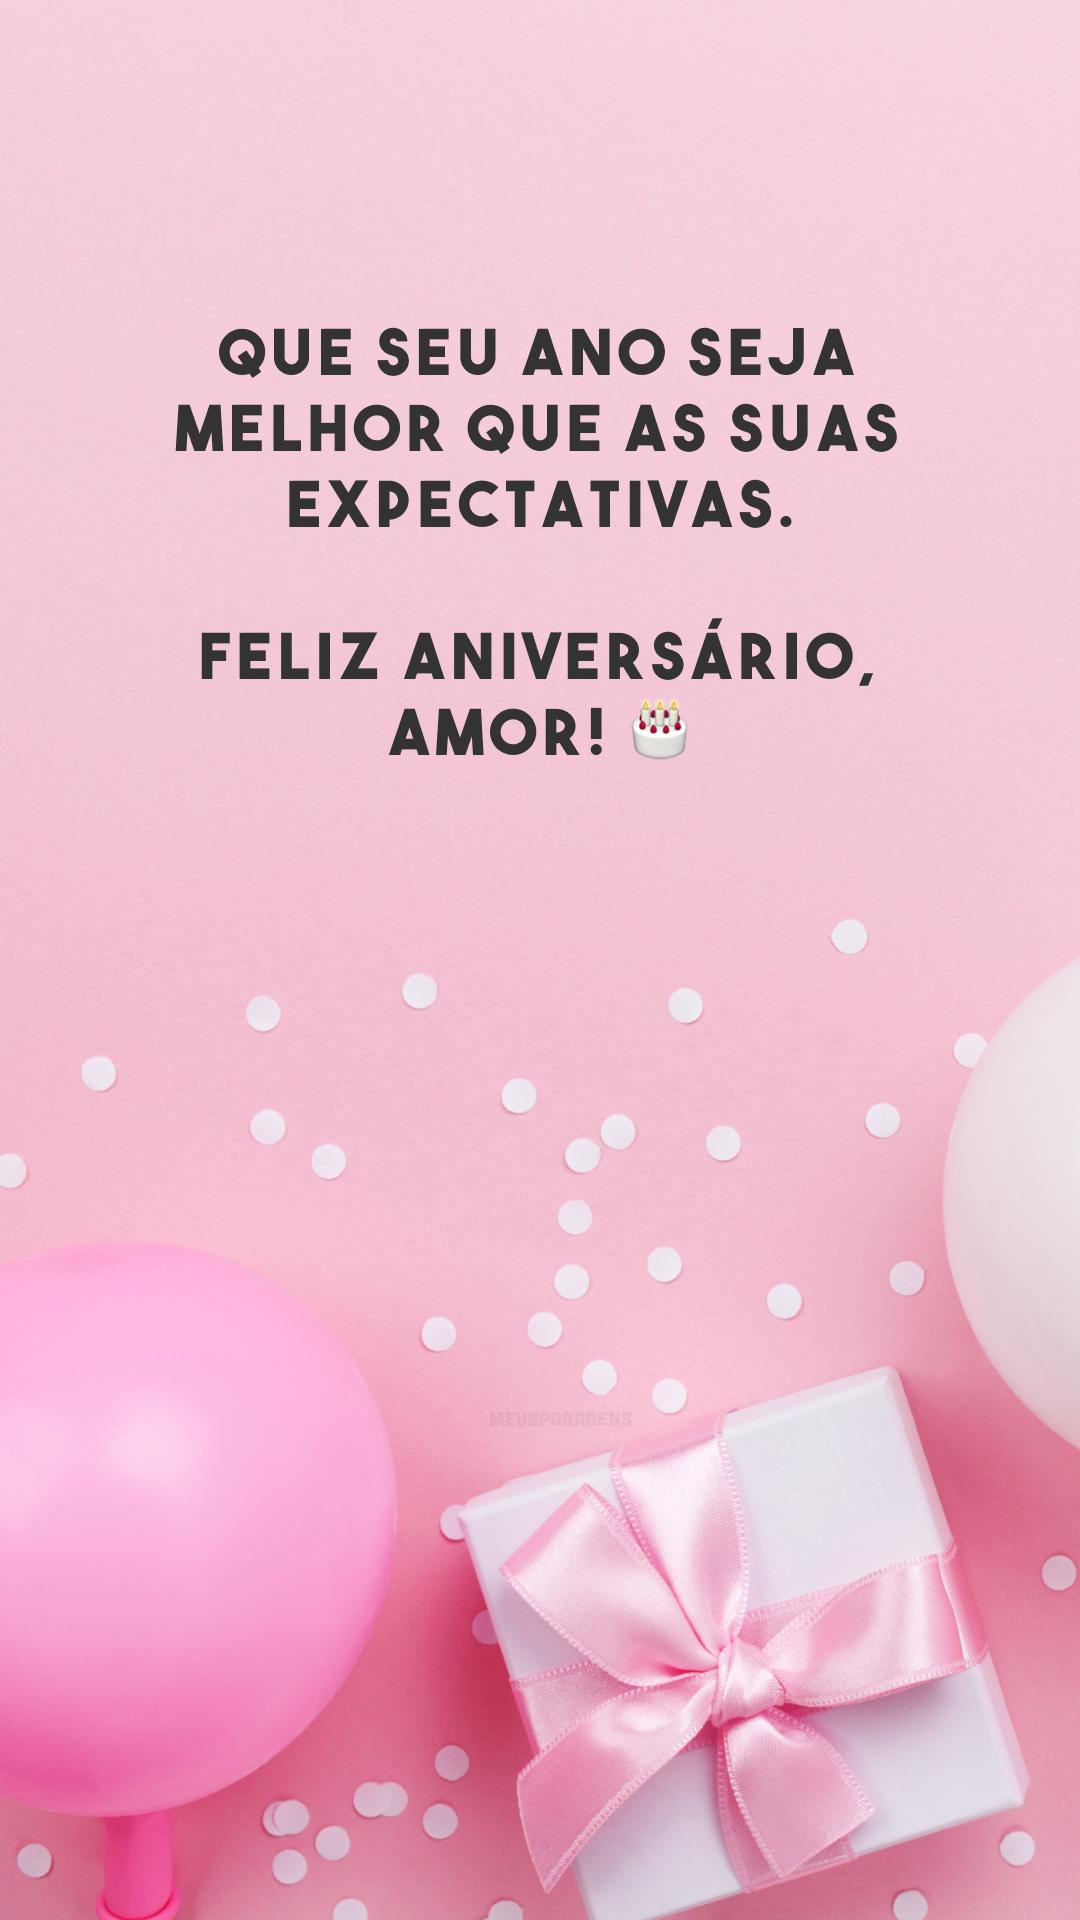 Que seu ano seja melhor que as suas expectativas. Feliz aniversário, amor! 🎂